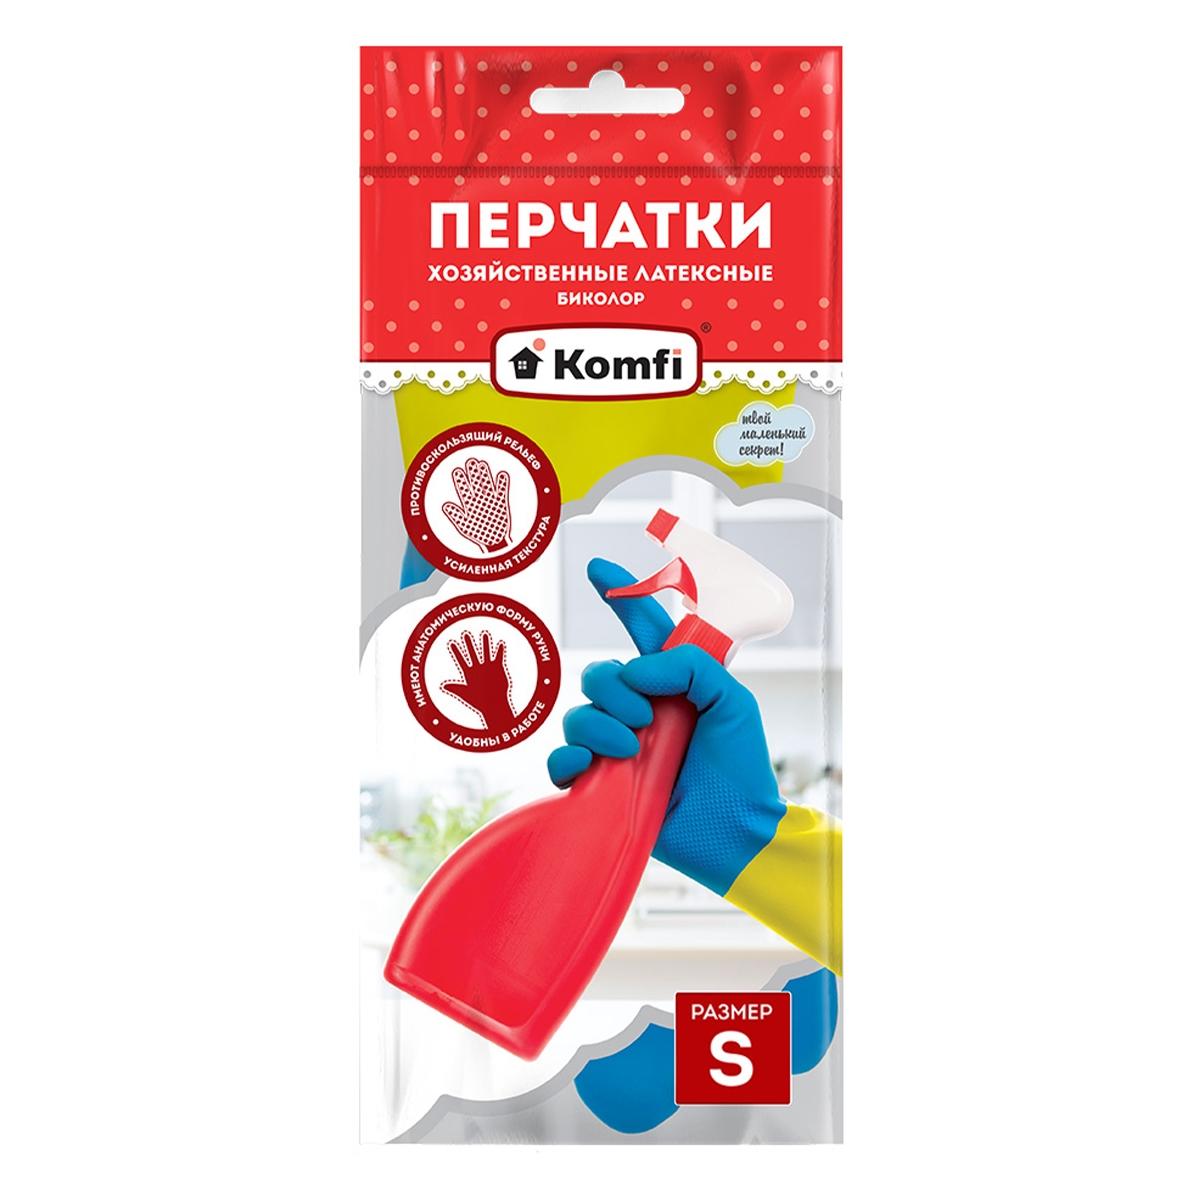 Перчатки резиновые Komfi Bi-color, 1 пара, размер S, сине-желтые, без напыления